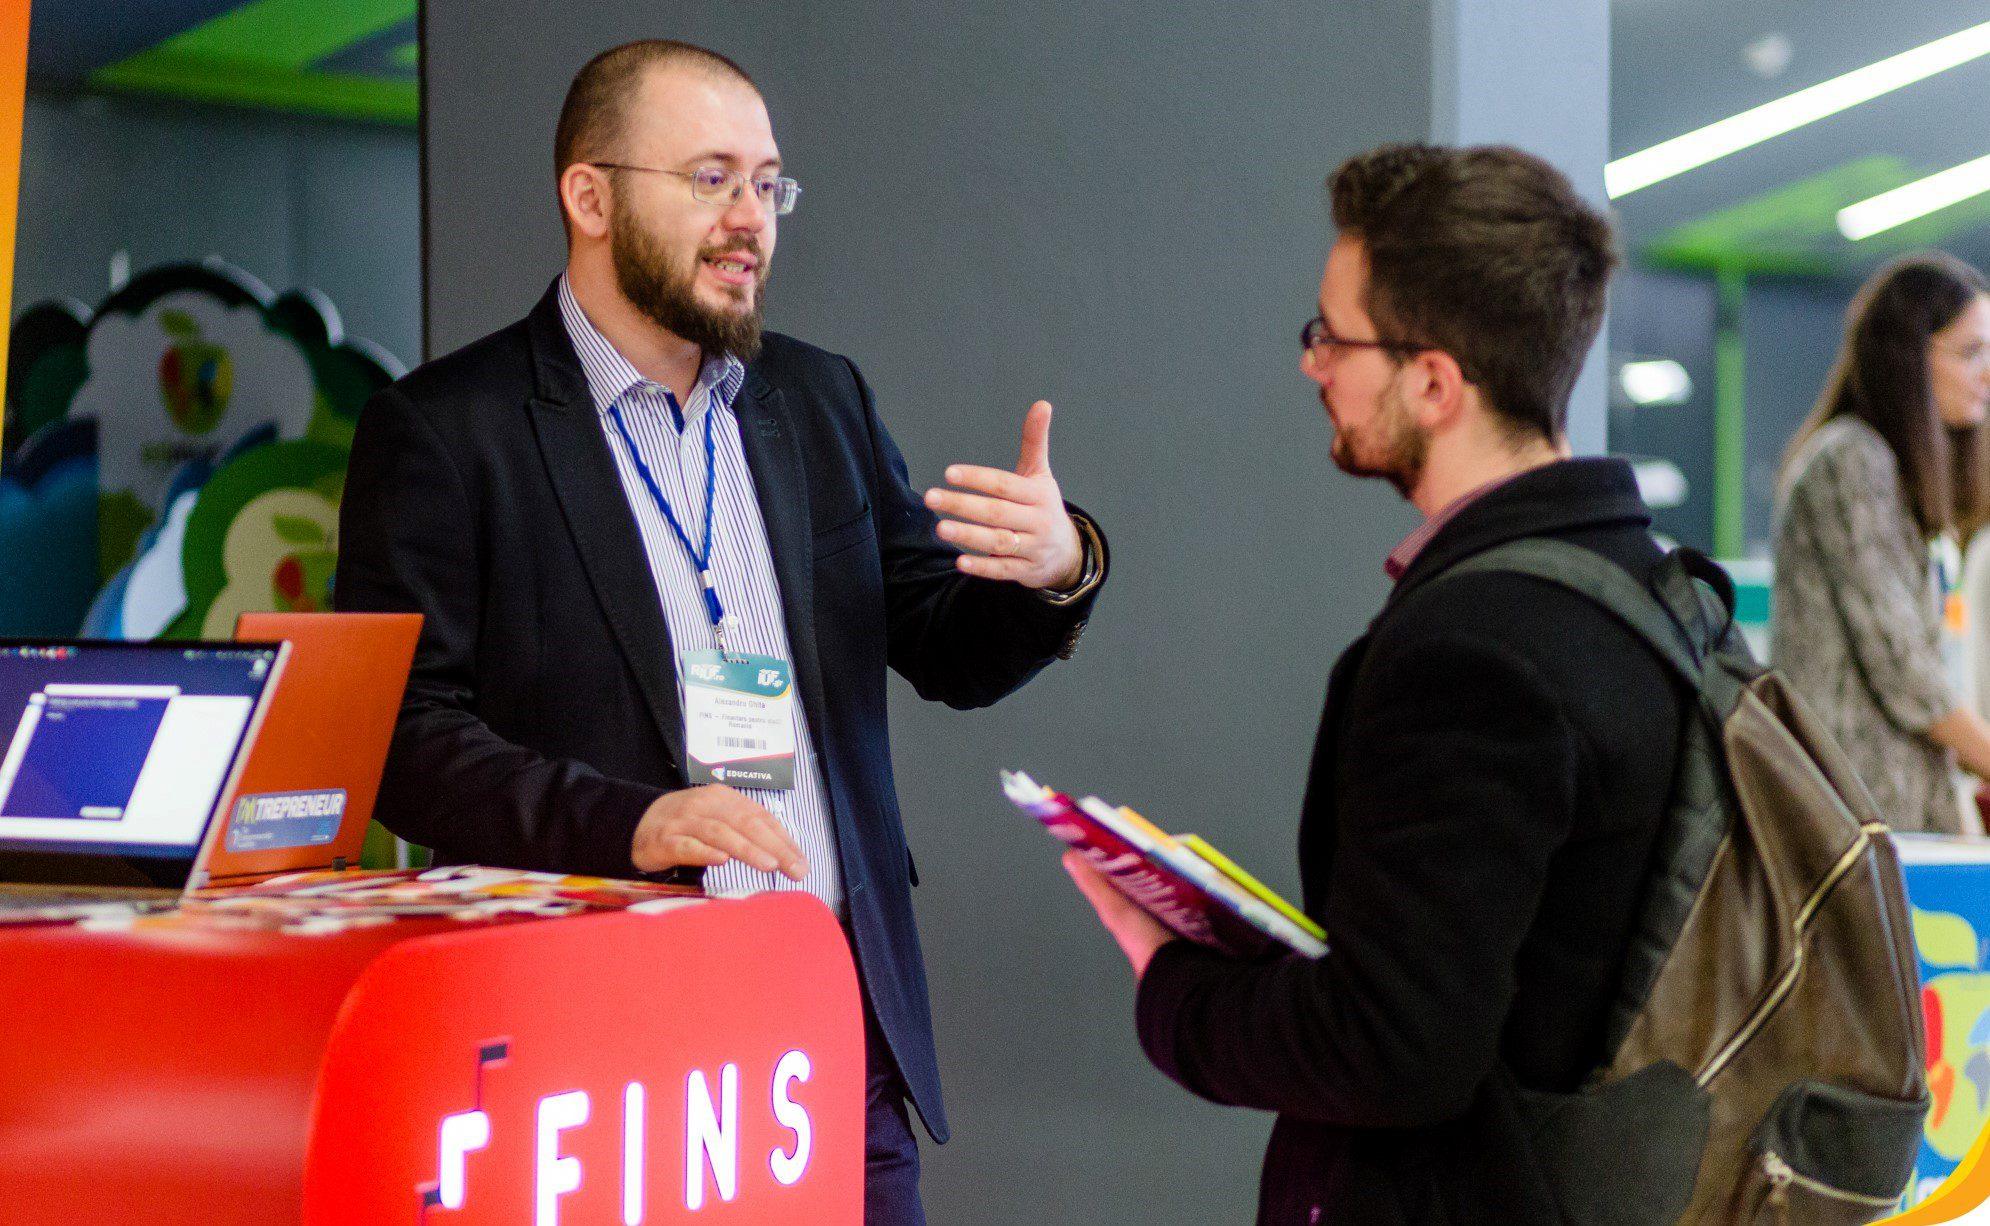 FINS: cine suntem și ce sunt creditele de studii pe care le oferim